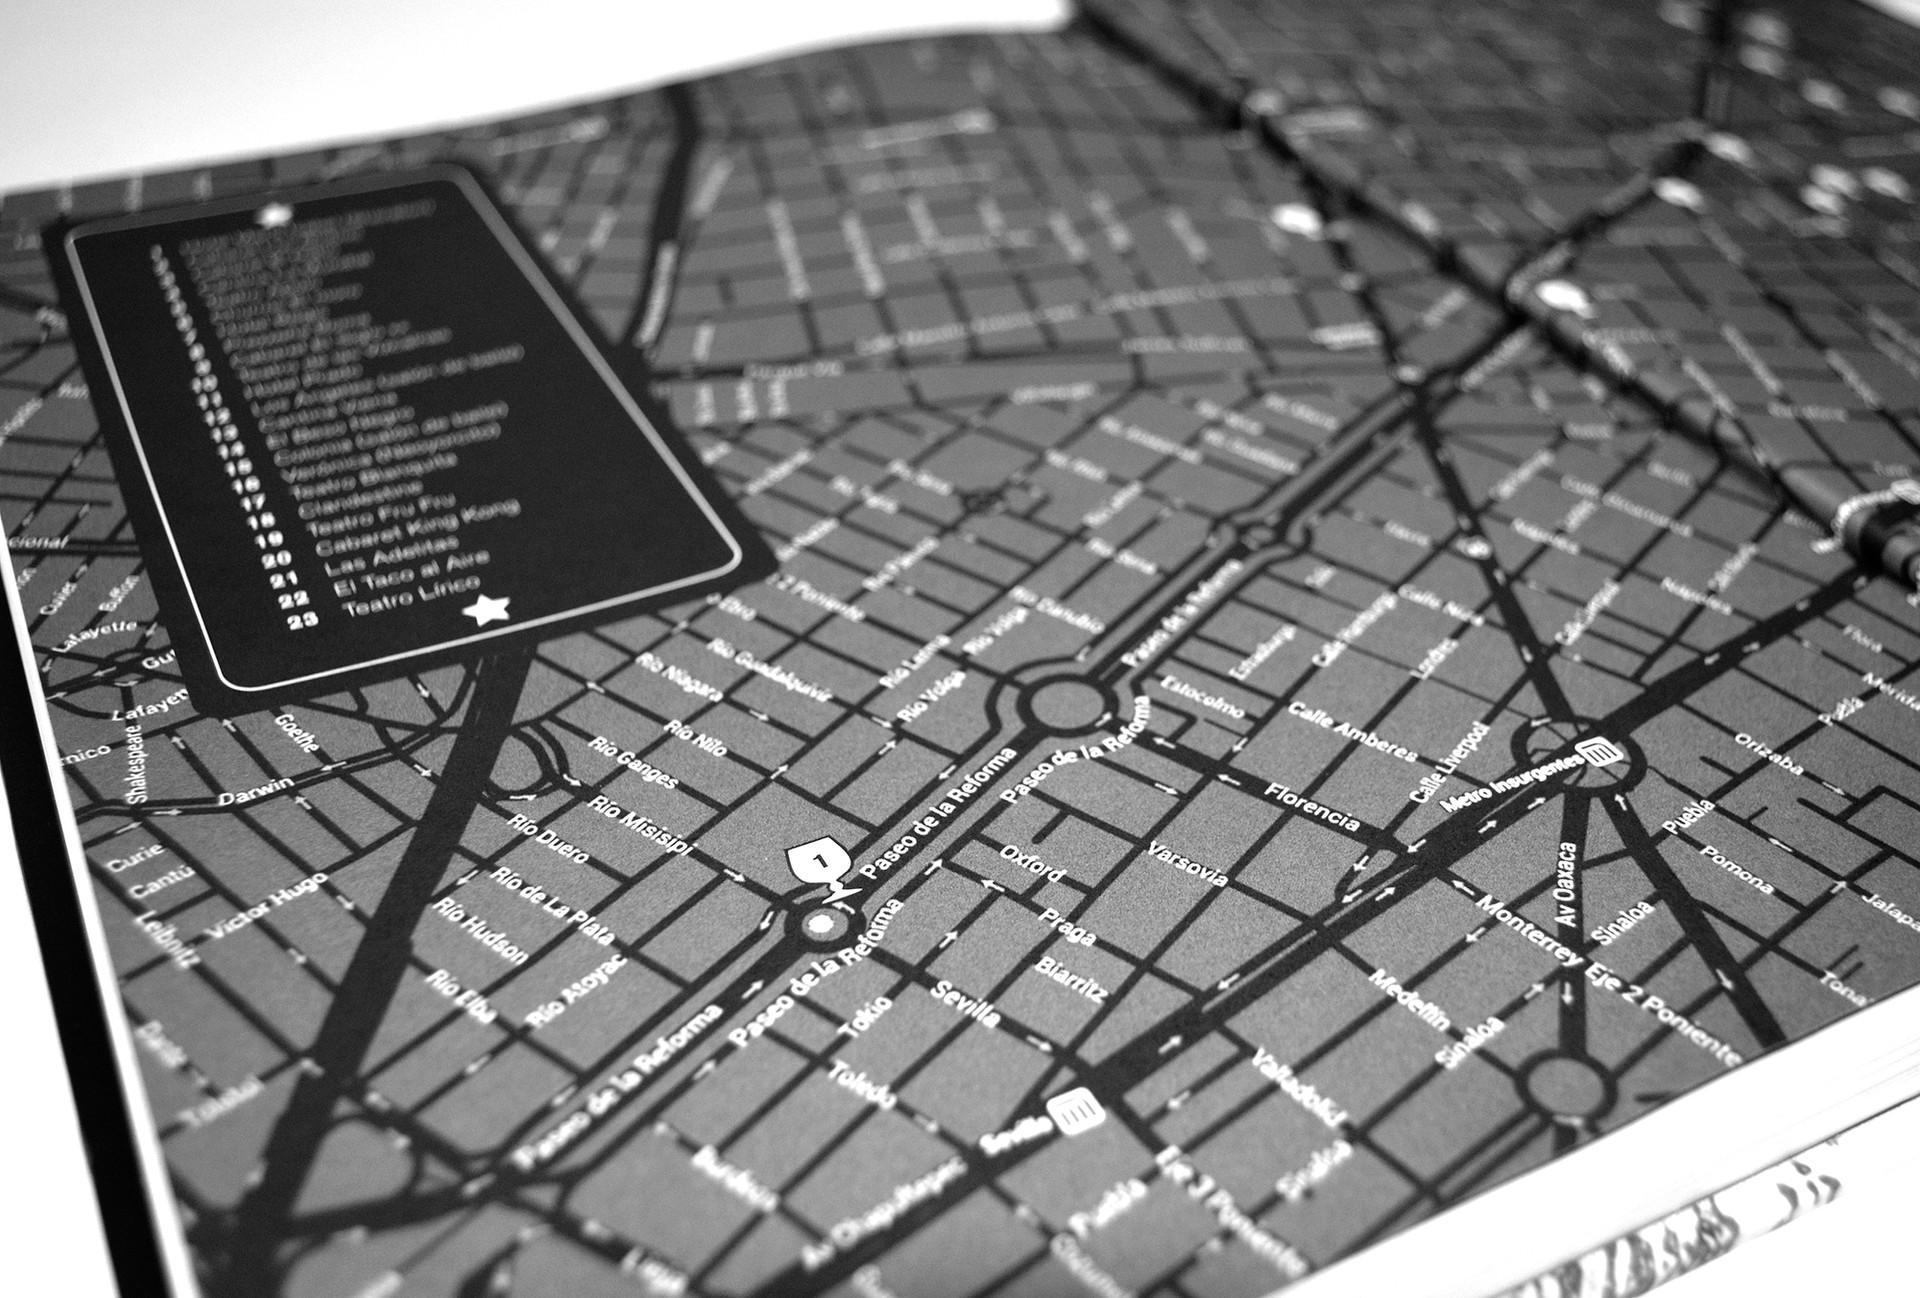 Un mapa de la ubicación de aquellos lugares de la noche.